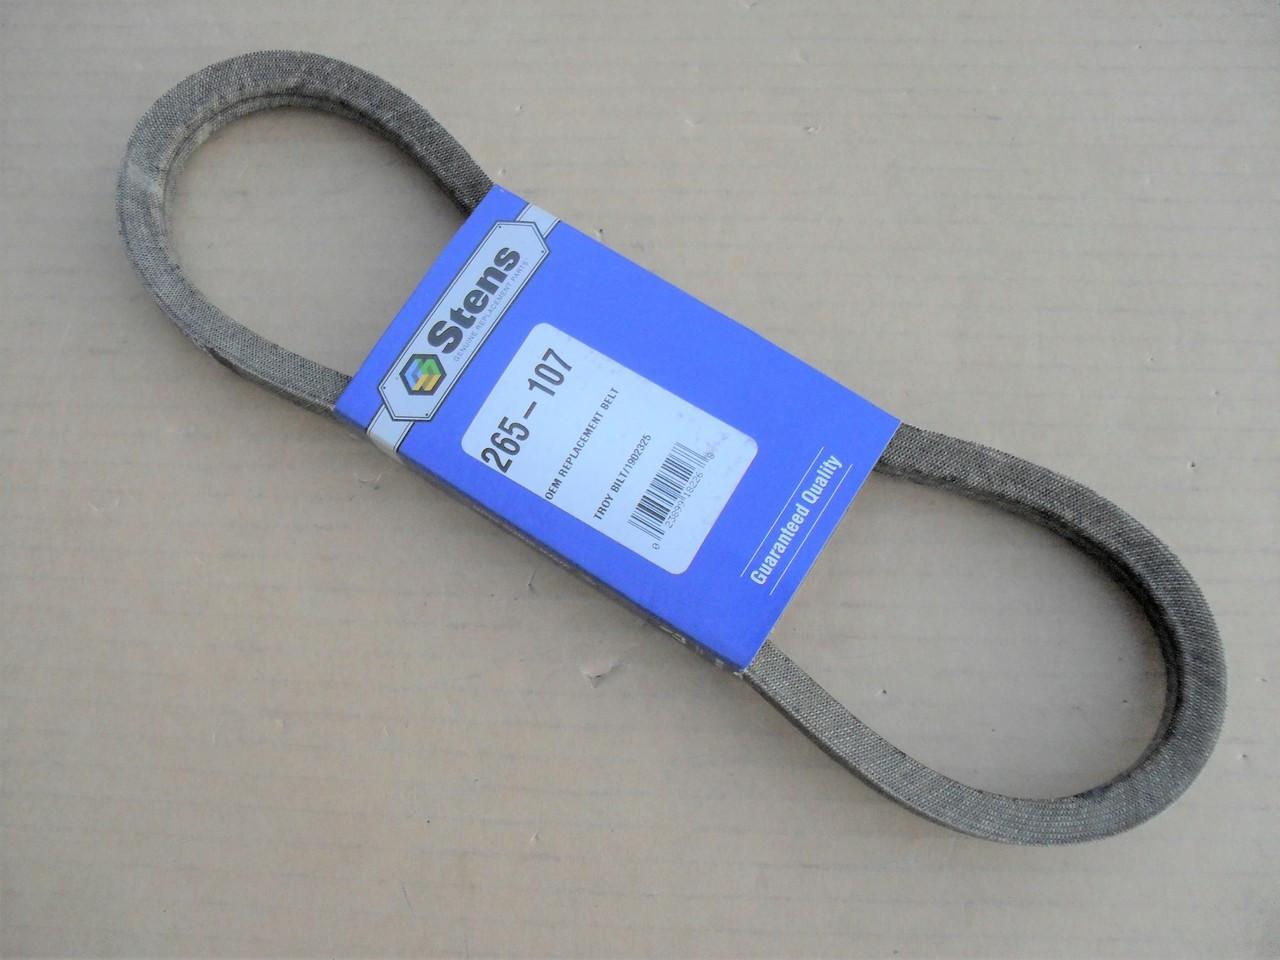 Drive Belt for Troy Bilt Super Tomahawk II, Brush Wood Chipper Shredder, 1902325, 97133, W5L290, W5L290SPL, Made In USA